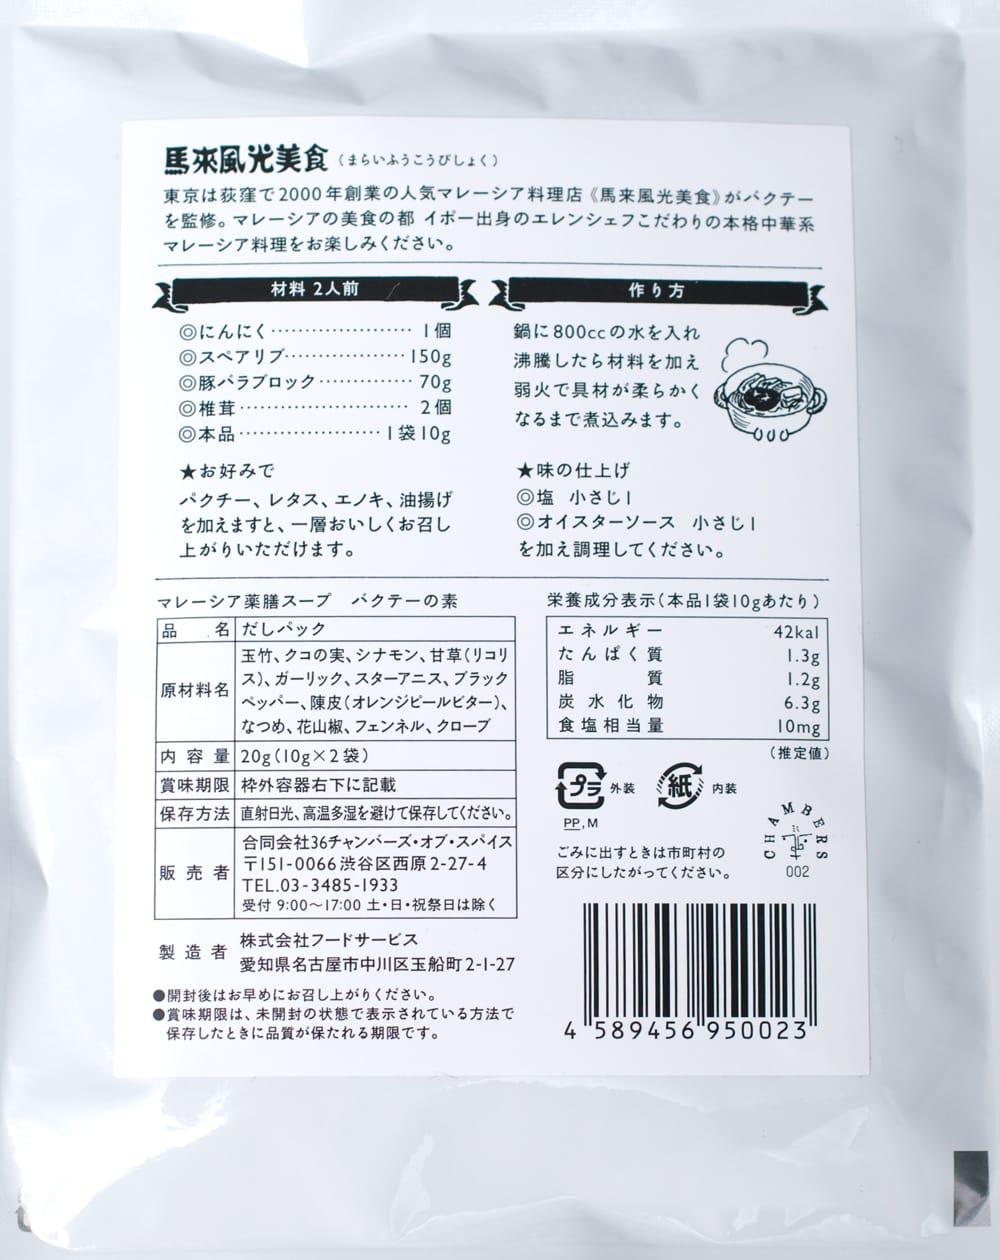 バクテーの素 - マレーシア薬膳スープ - BAK KUT THE 2 - パッケージの裏面です